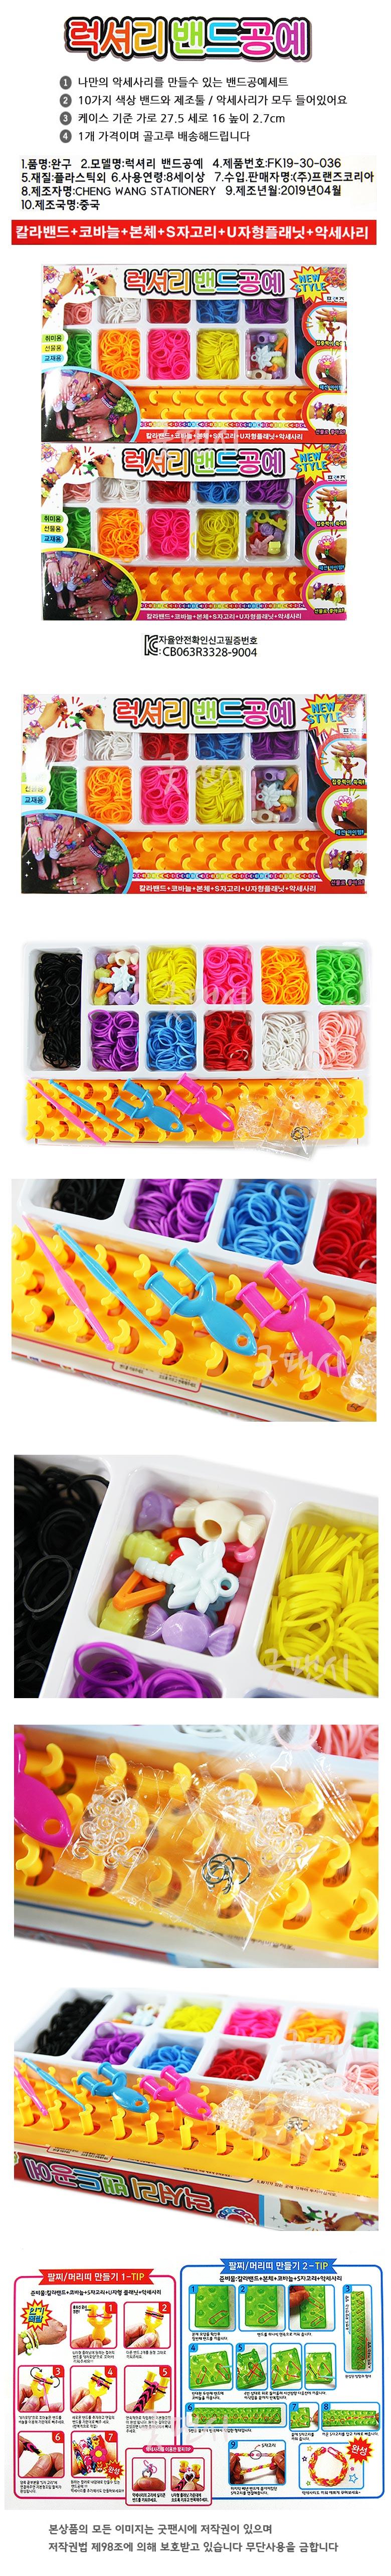 럭셔리 컬러밴드공예 중 - 굿팬시, 3,000원, 비즈공예, 비즈공예 패키지